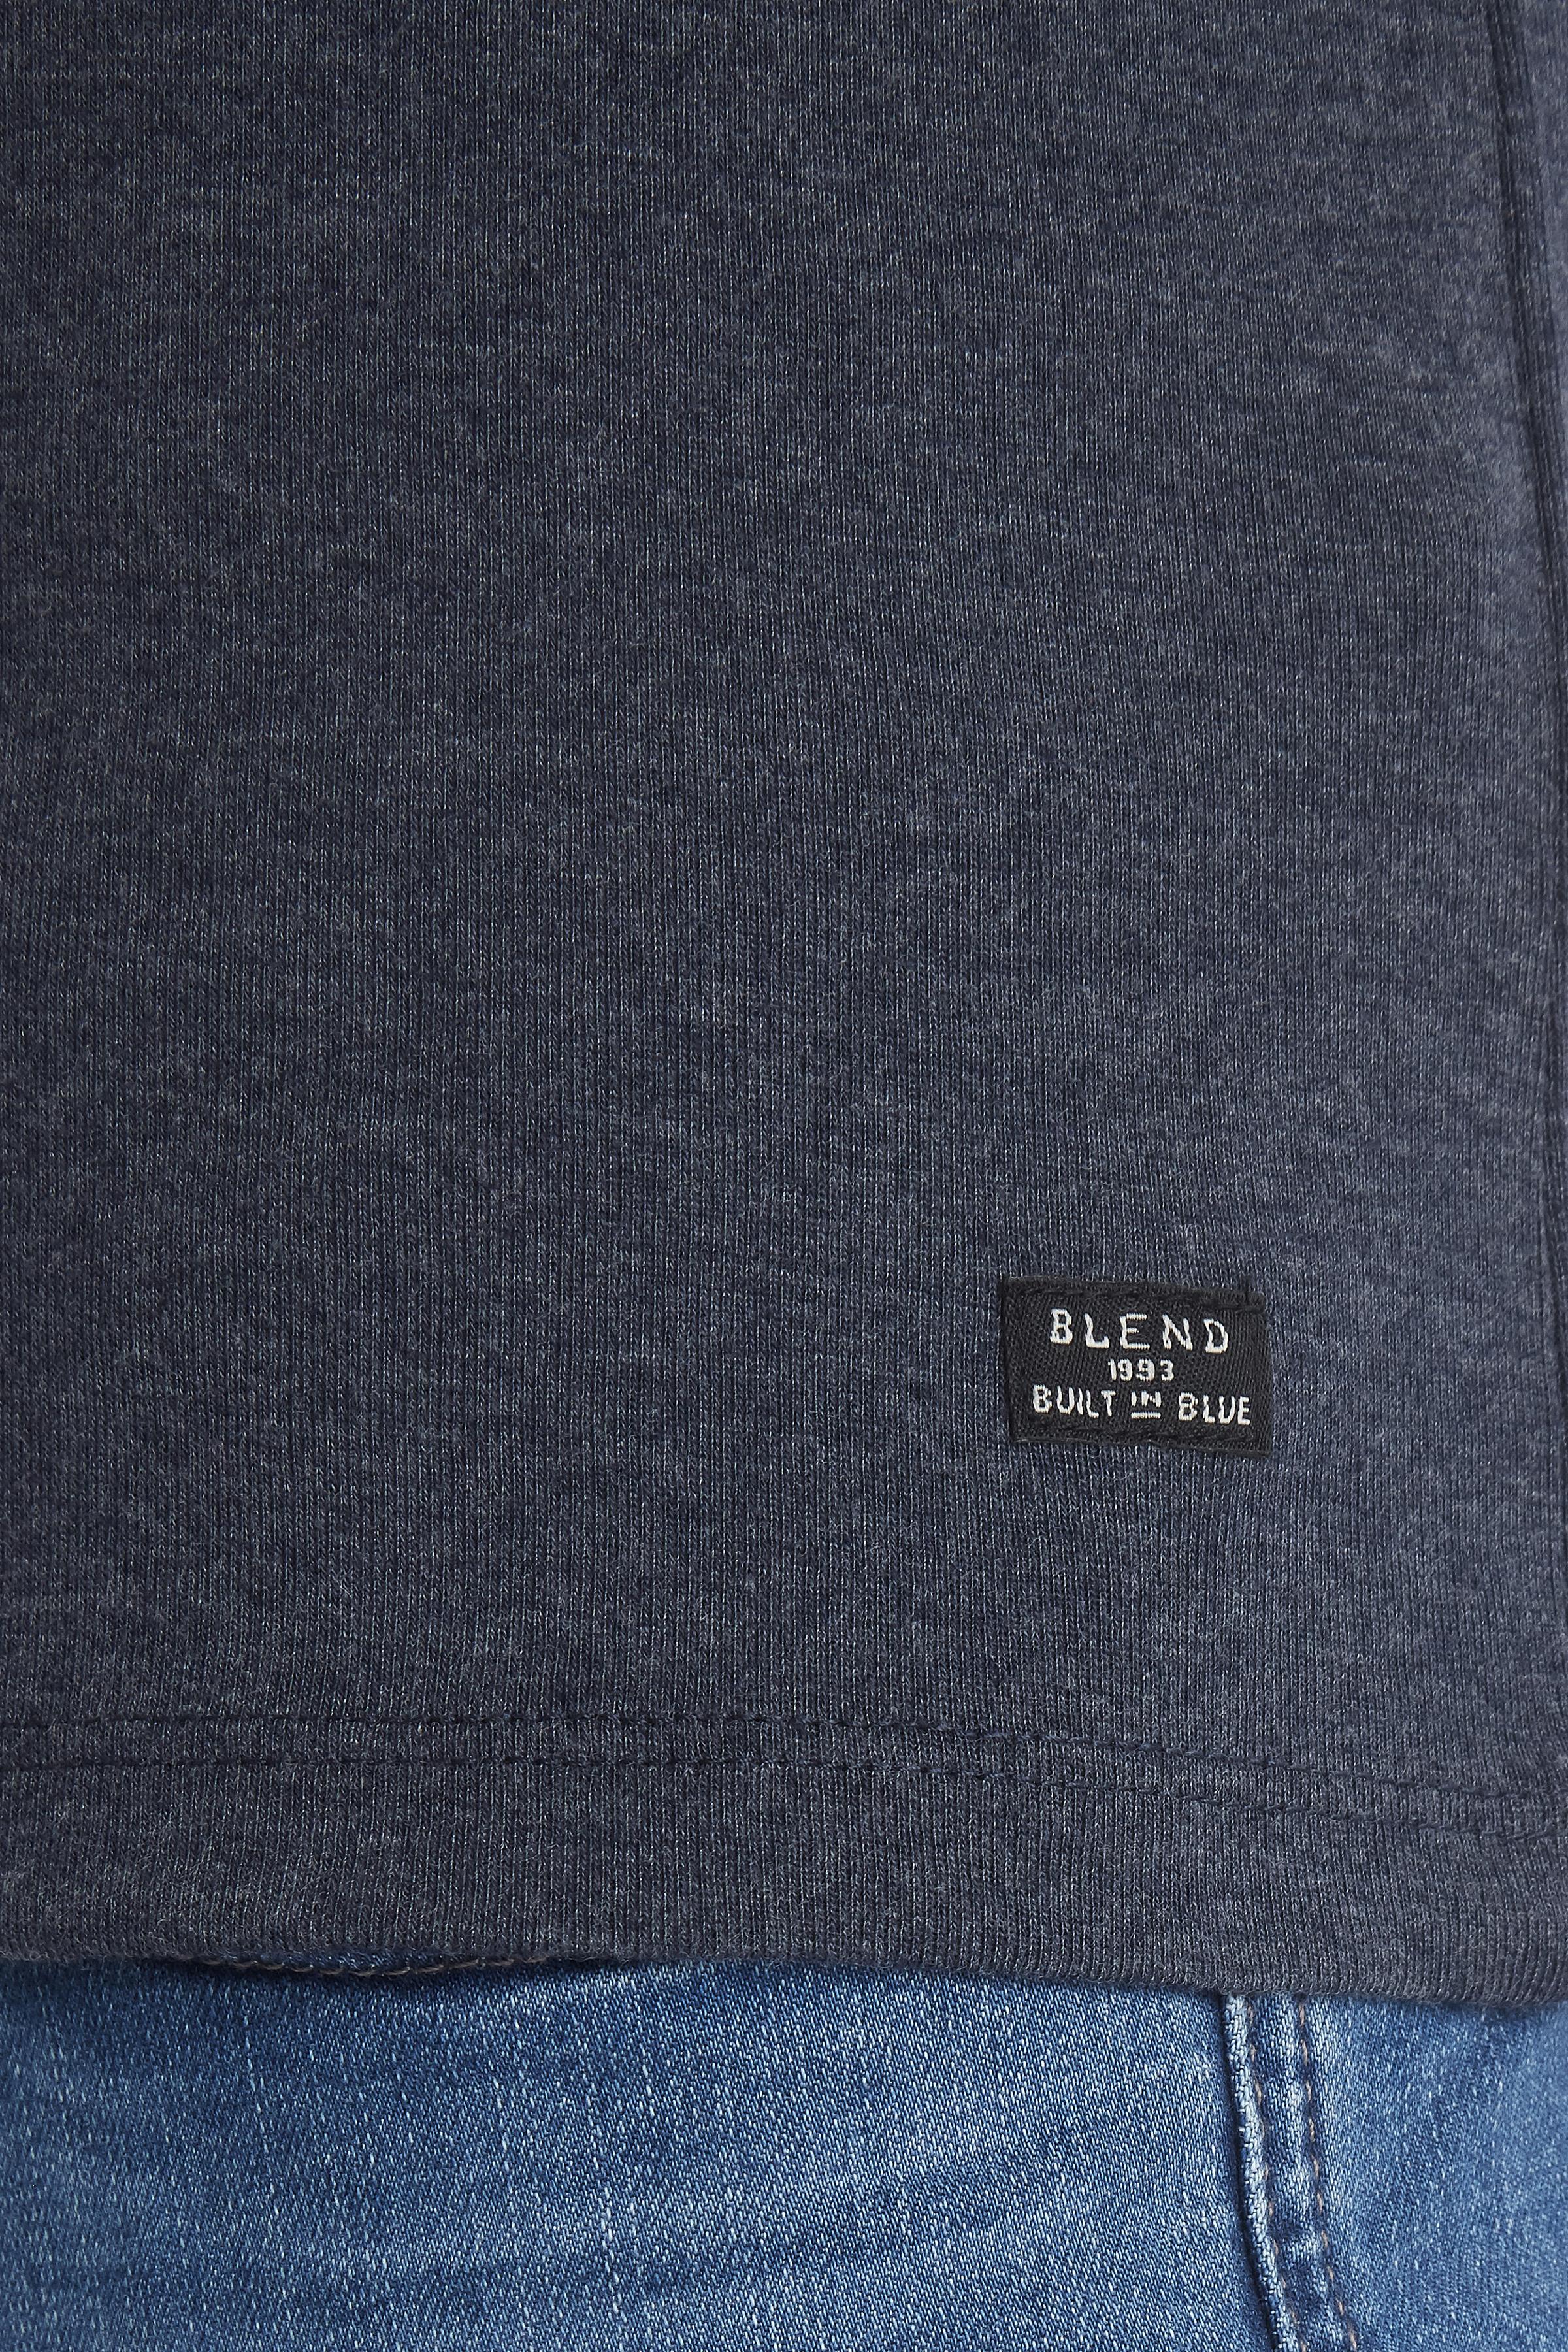 Navy T-shirt – Køb Navy T-shirt fra str. XS-3XL her